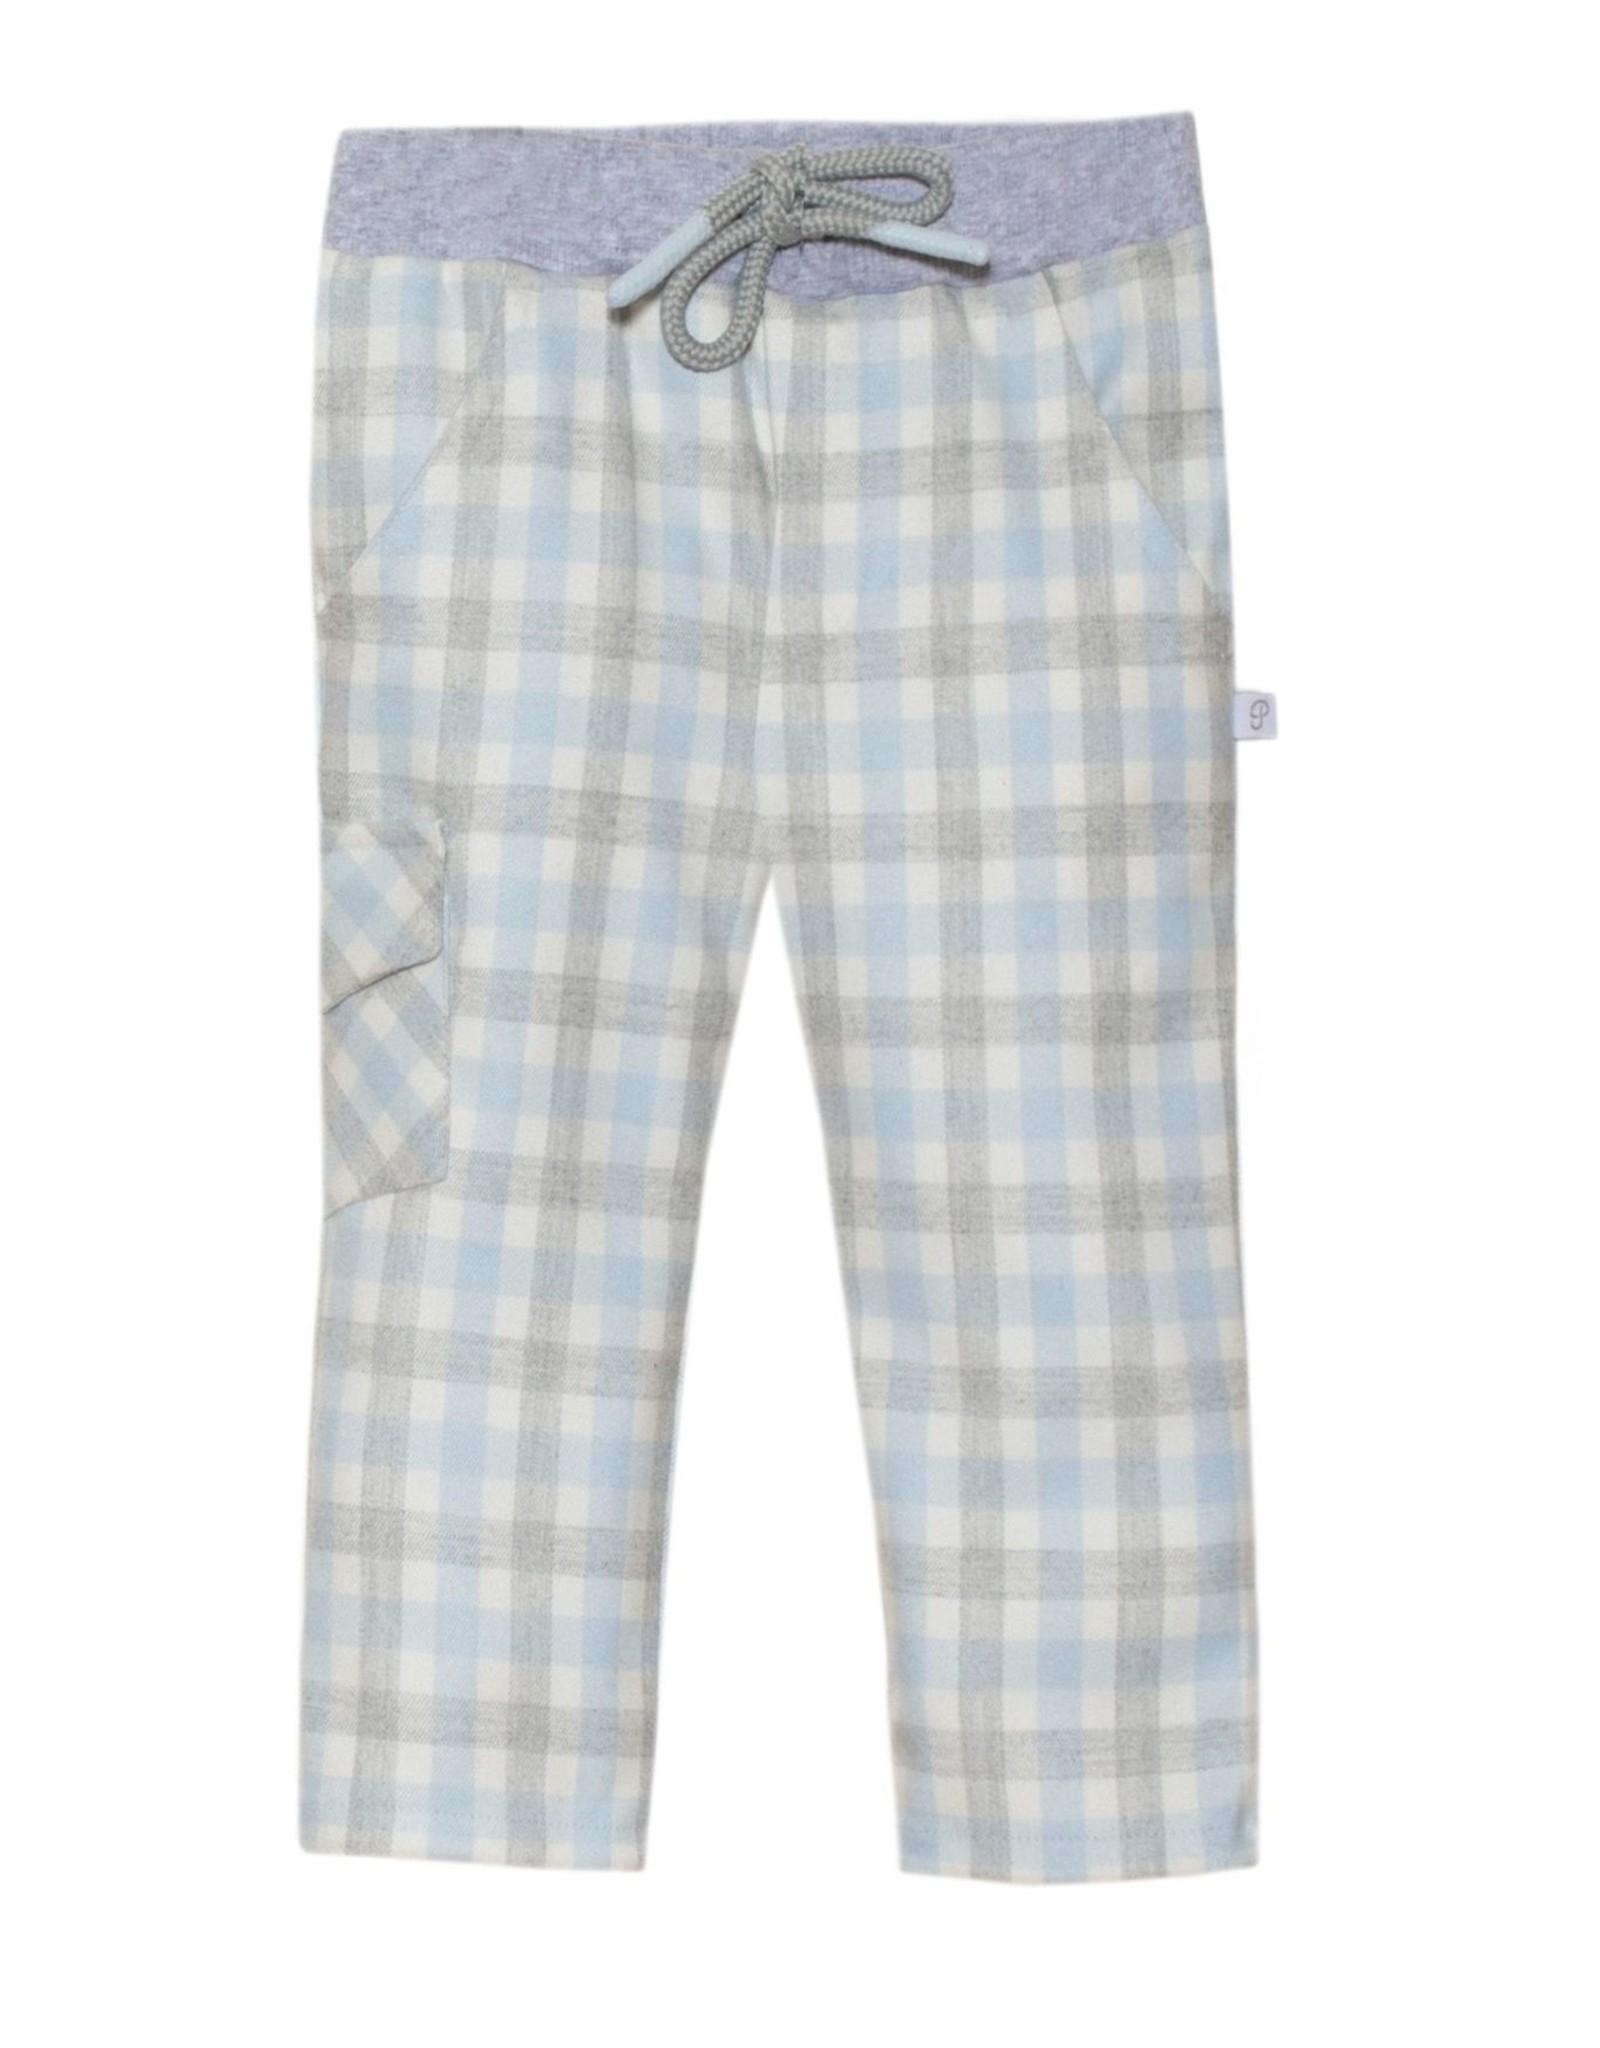 PATACHOU Boy pant blue check